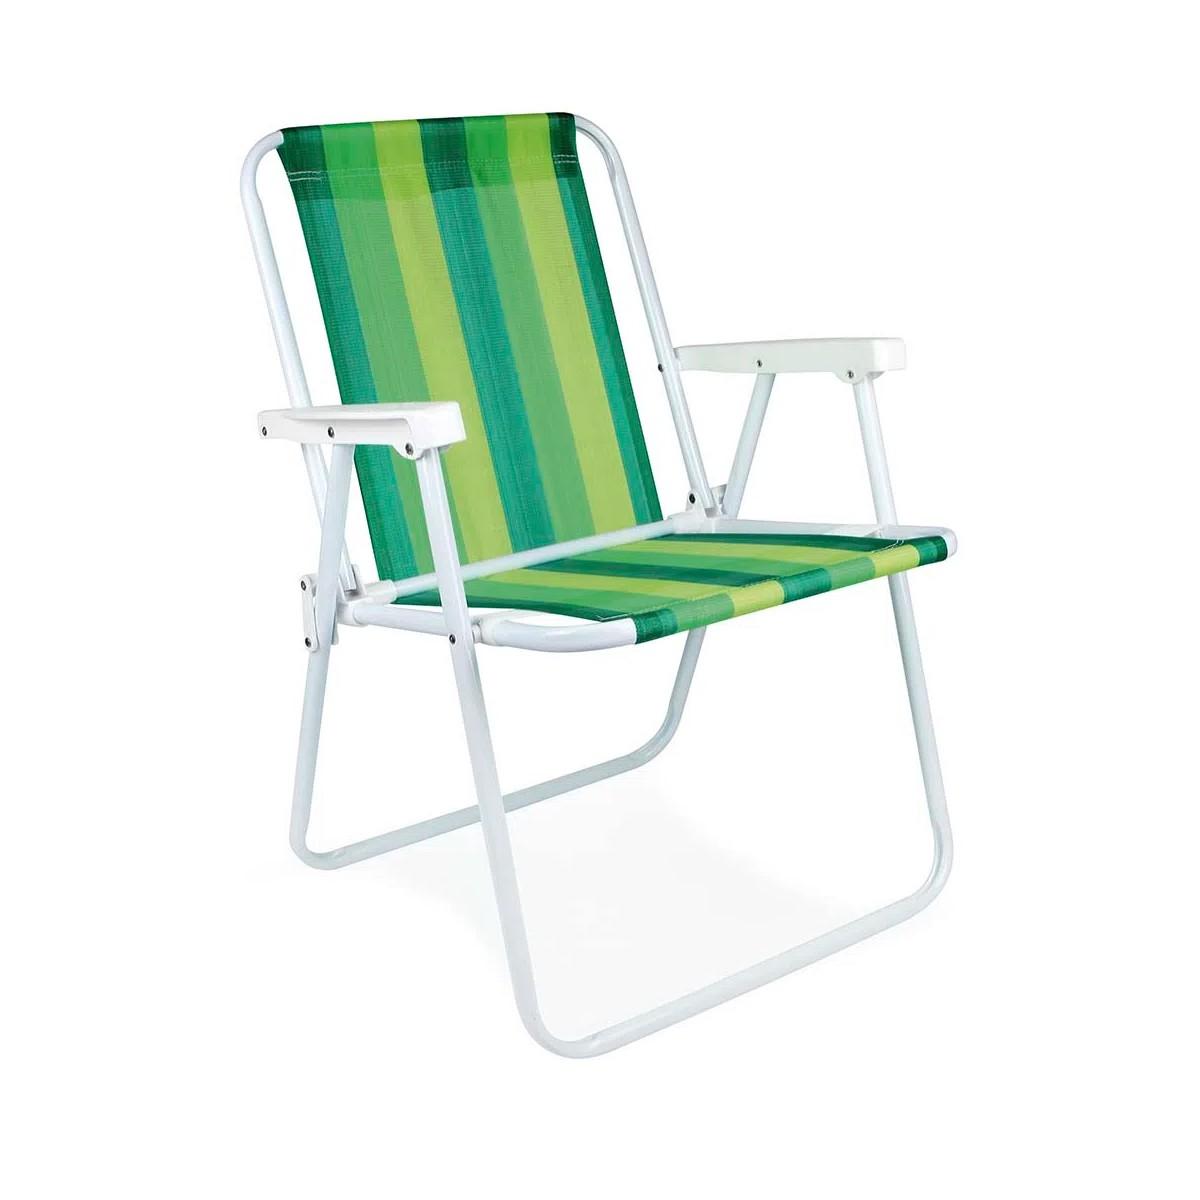 Cadeira Alta Dobrável Aço Mor - Cores Diversas